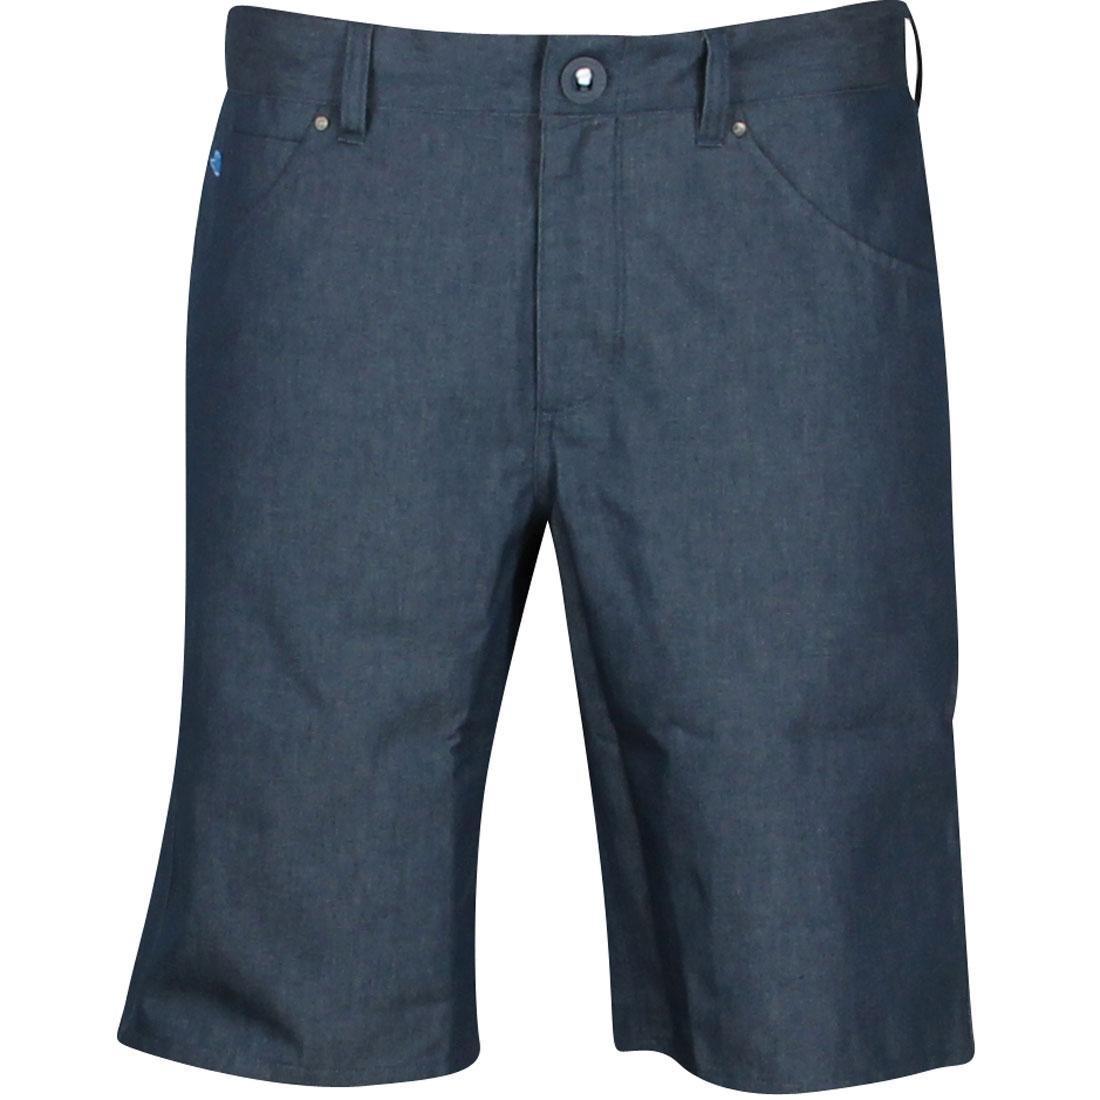 アディダス ADIDAS スケート ウォーク ショーツ ハーフパンツ 青 ブルー 【 SKATE BLUE ADIDAS GONZ WALK SHORTS UNIBLU 】 メンズファッション ズボン パンツ